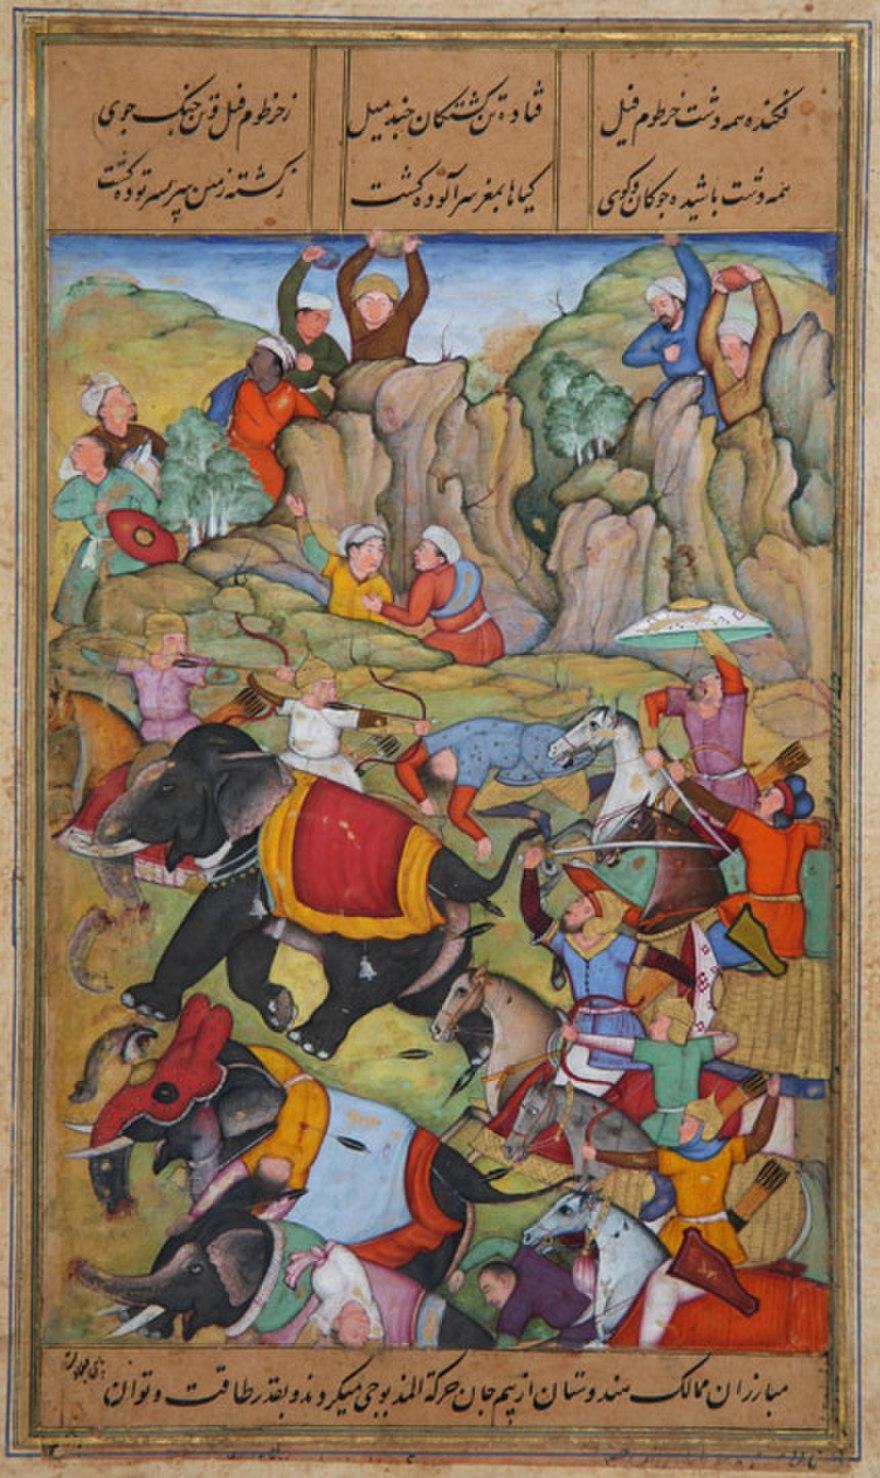 Timur and the Delhi Sultanate